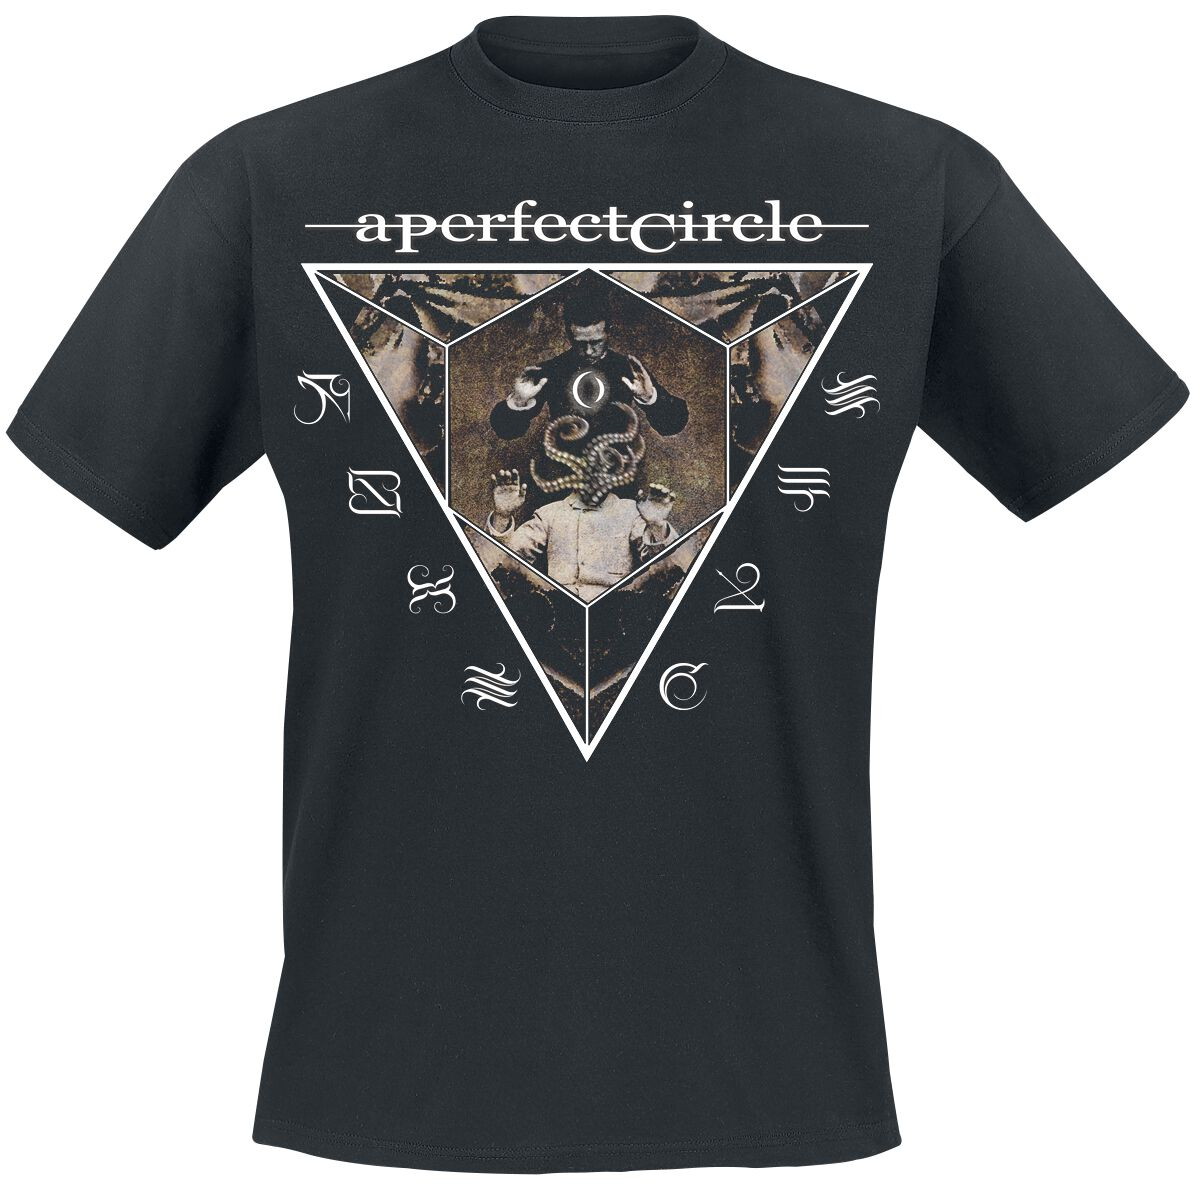 Zespoły - Koszulki - T-Shirt A Perfect Circle Outsider T-Shirt czarny - 358916